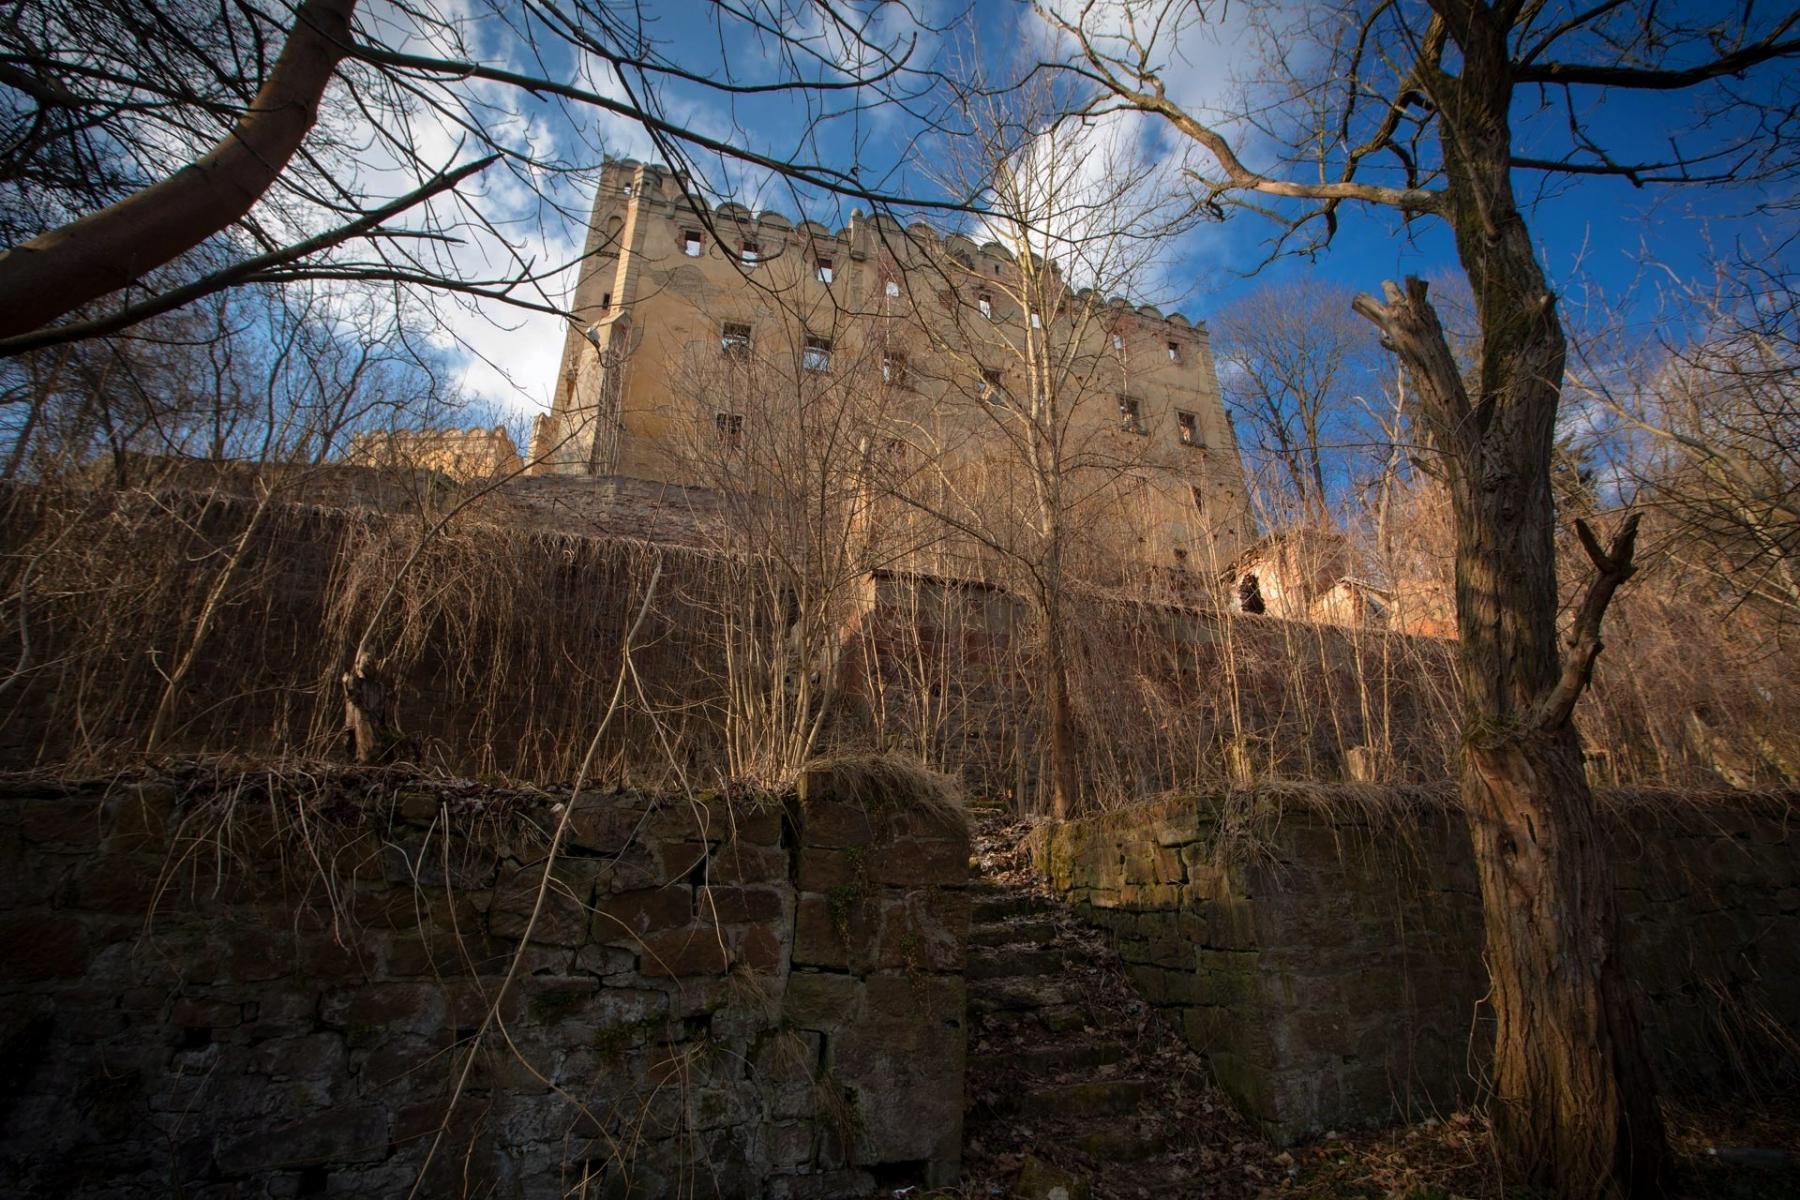 Tarasy ogrodowe. Zamek Ratno Dolne